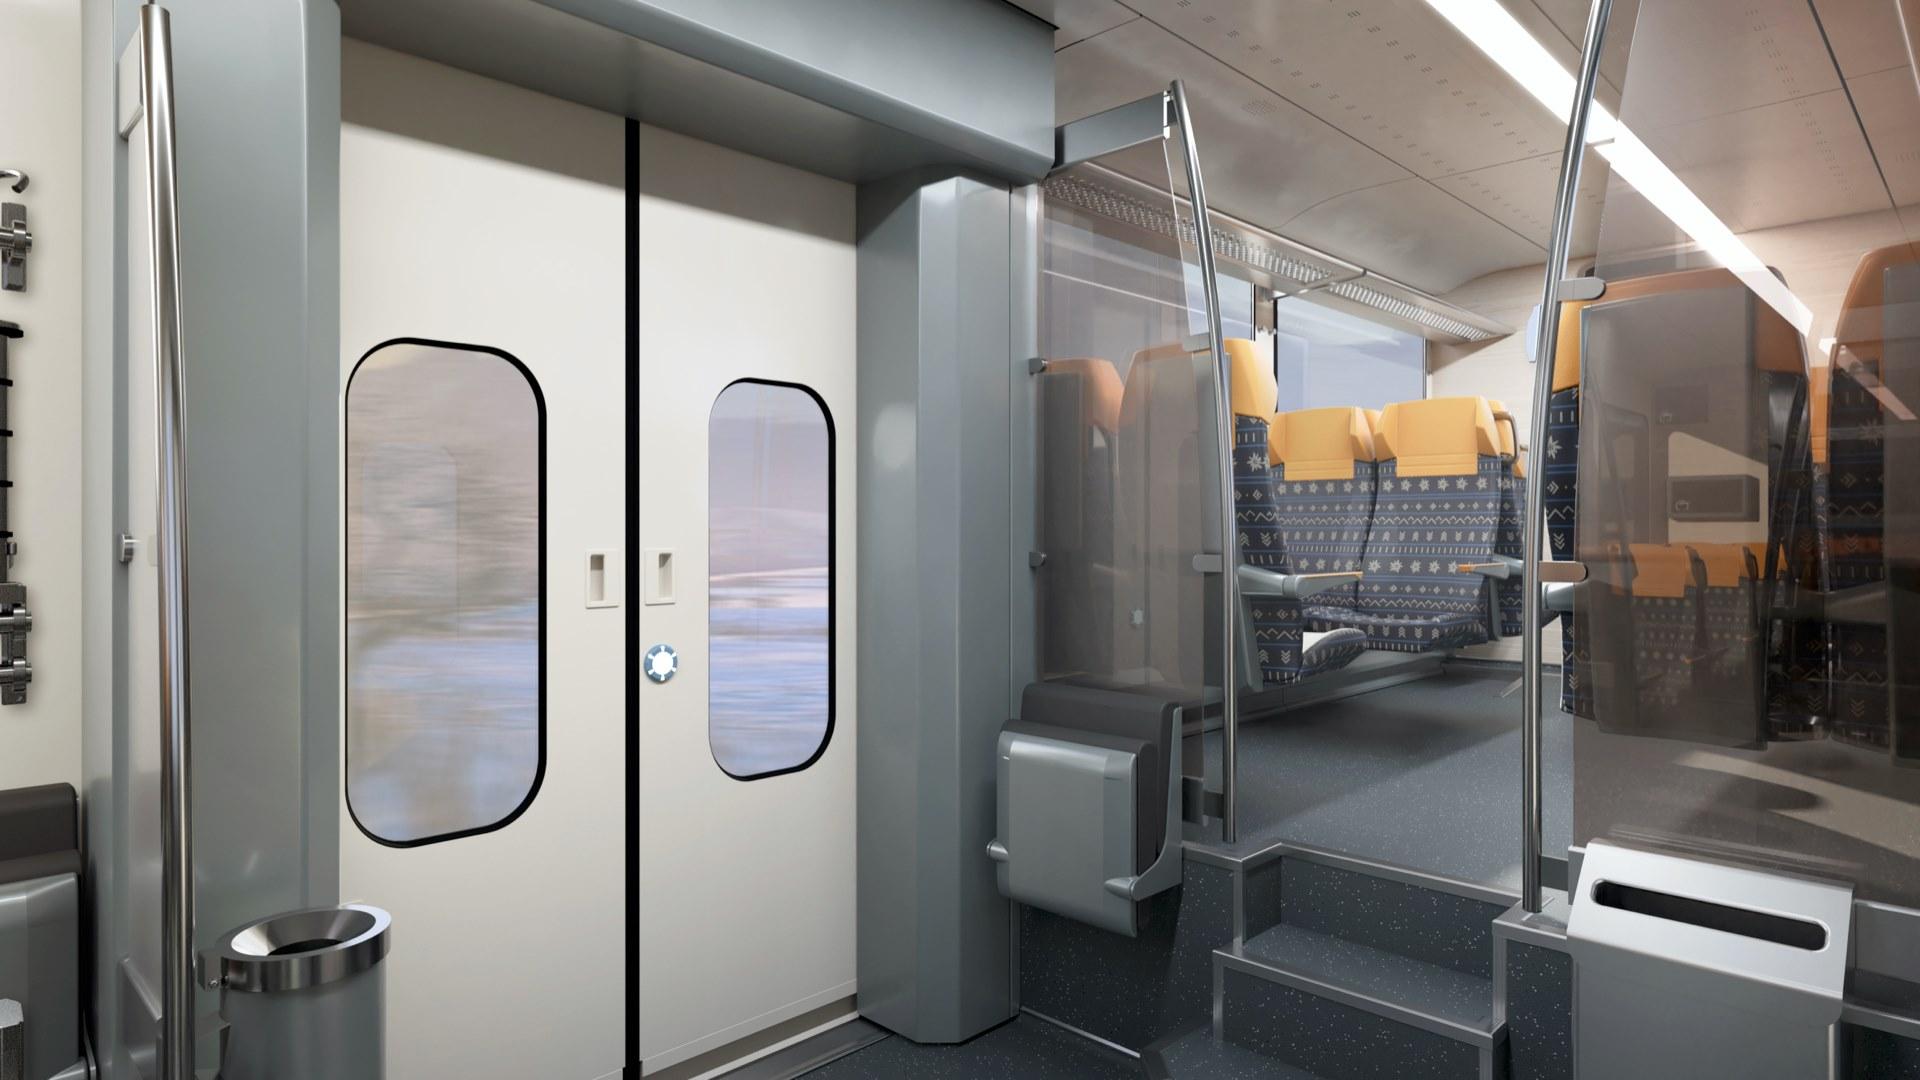 Vizualizace interiéru elektrické jednotky 425.95 po modernizaci. Foto: ZSSK